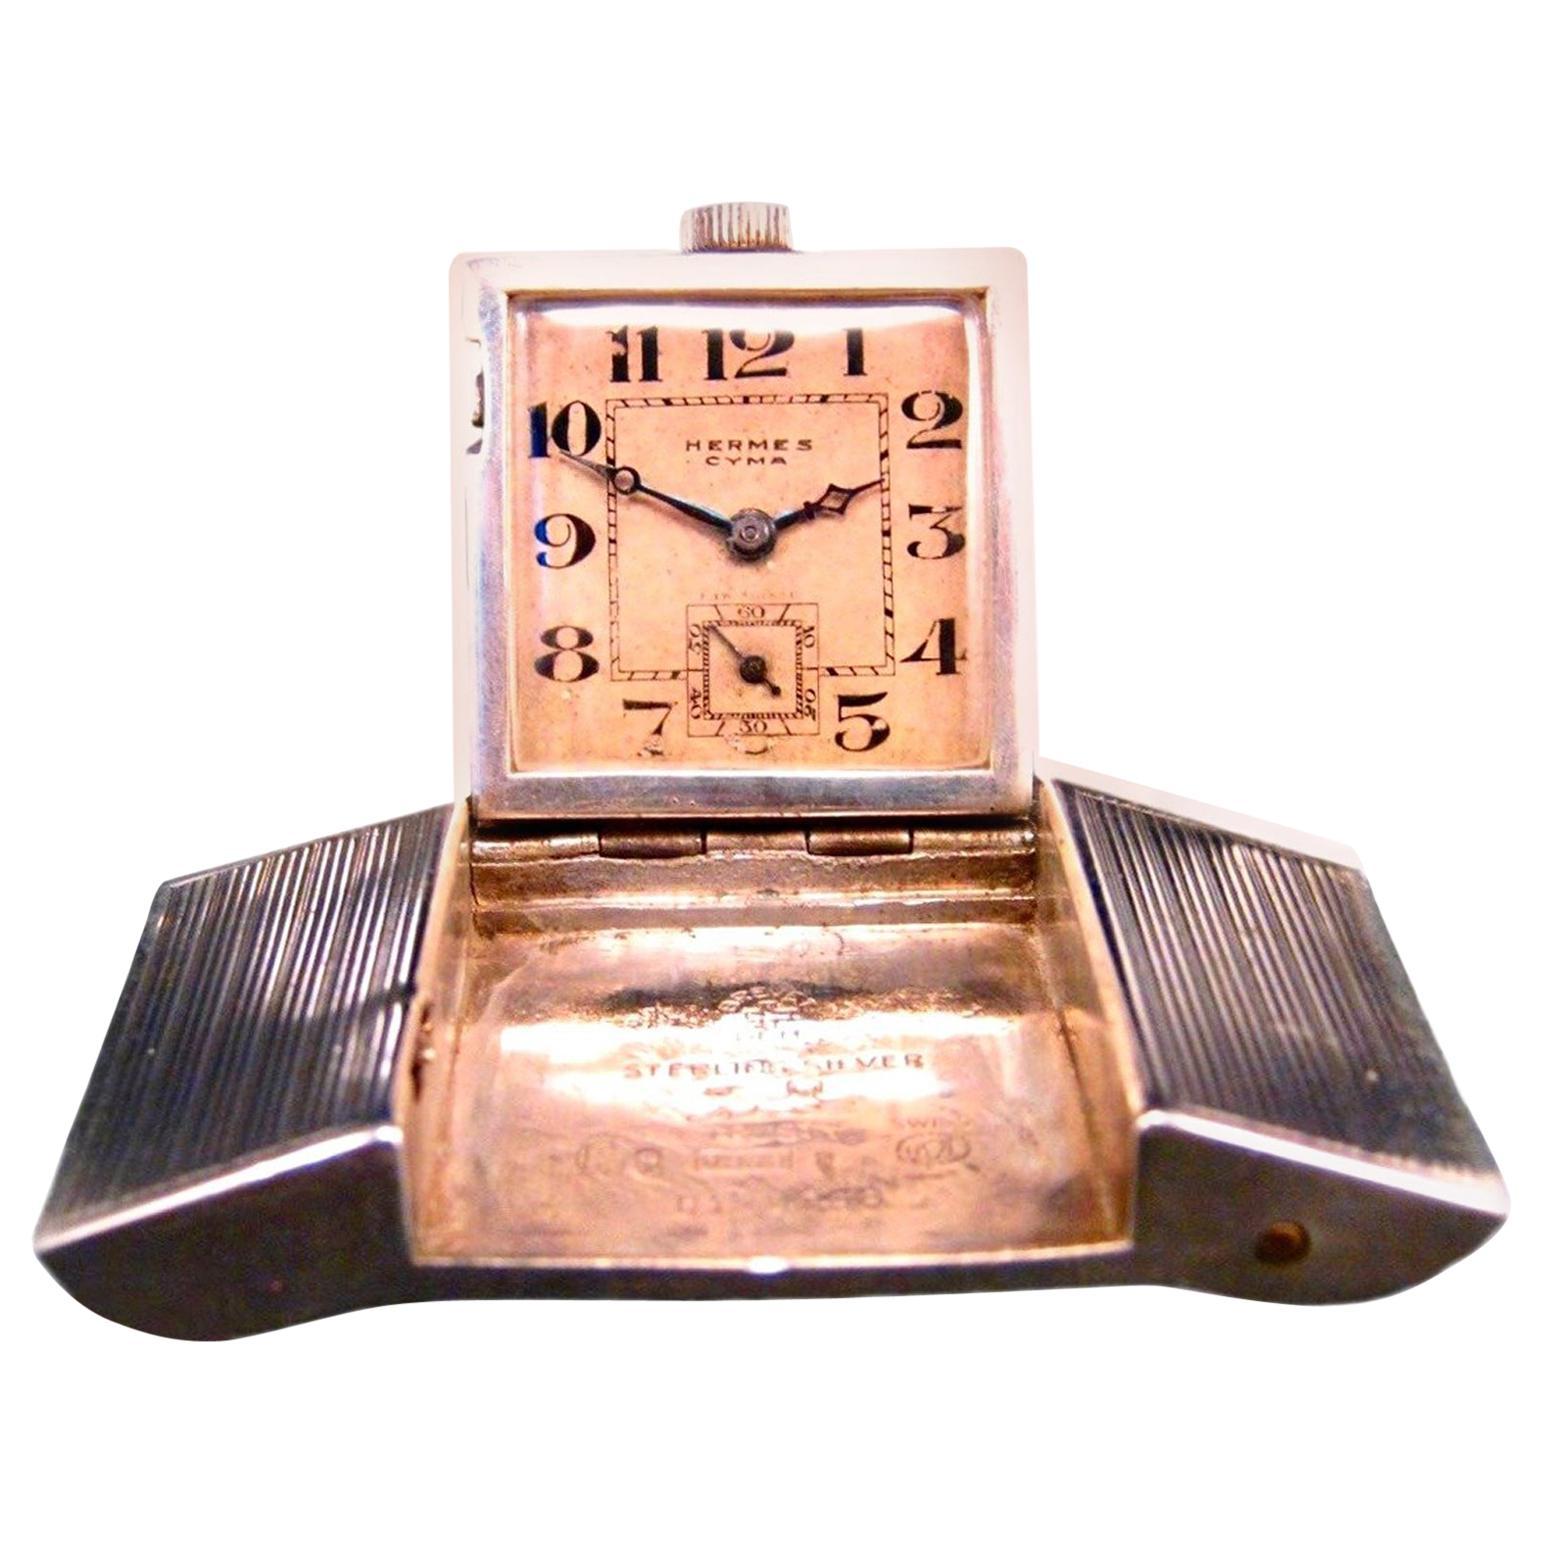 Hermès Belt Buckle Watch from 1930s